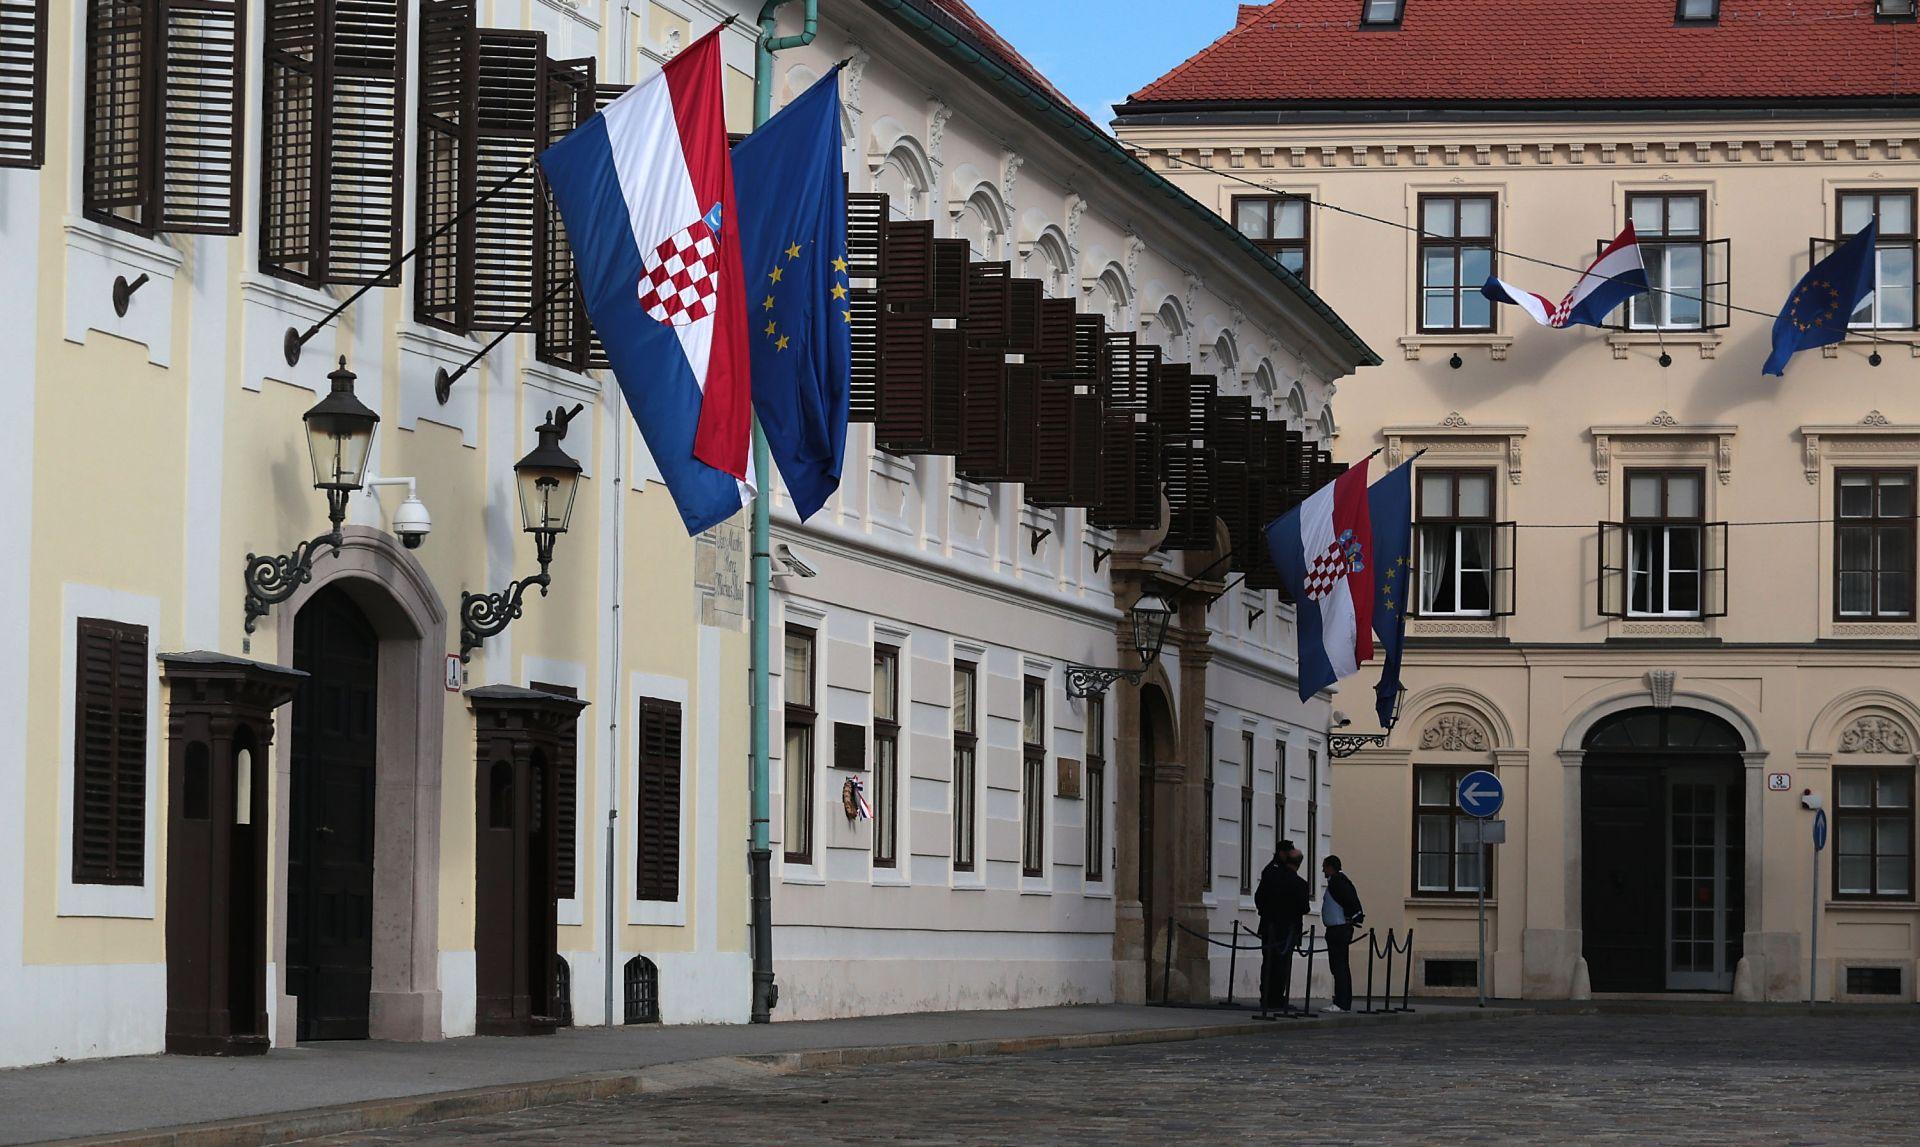 MARATONSKI SASTANAK U BANSKIM DVORIMA Razgovor Oreškovića i Crnoje još traje